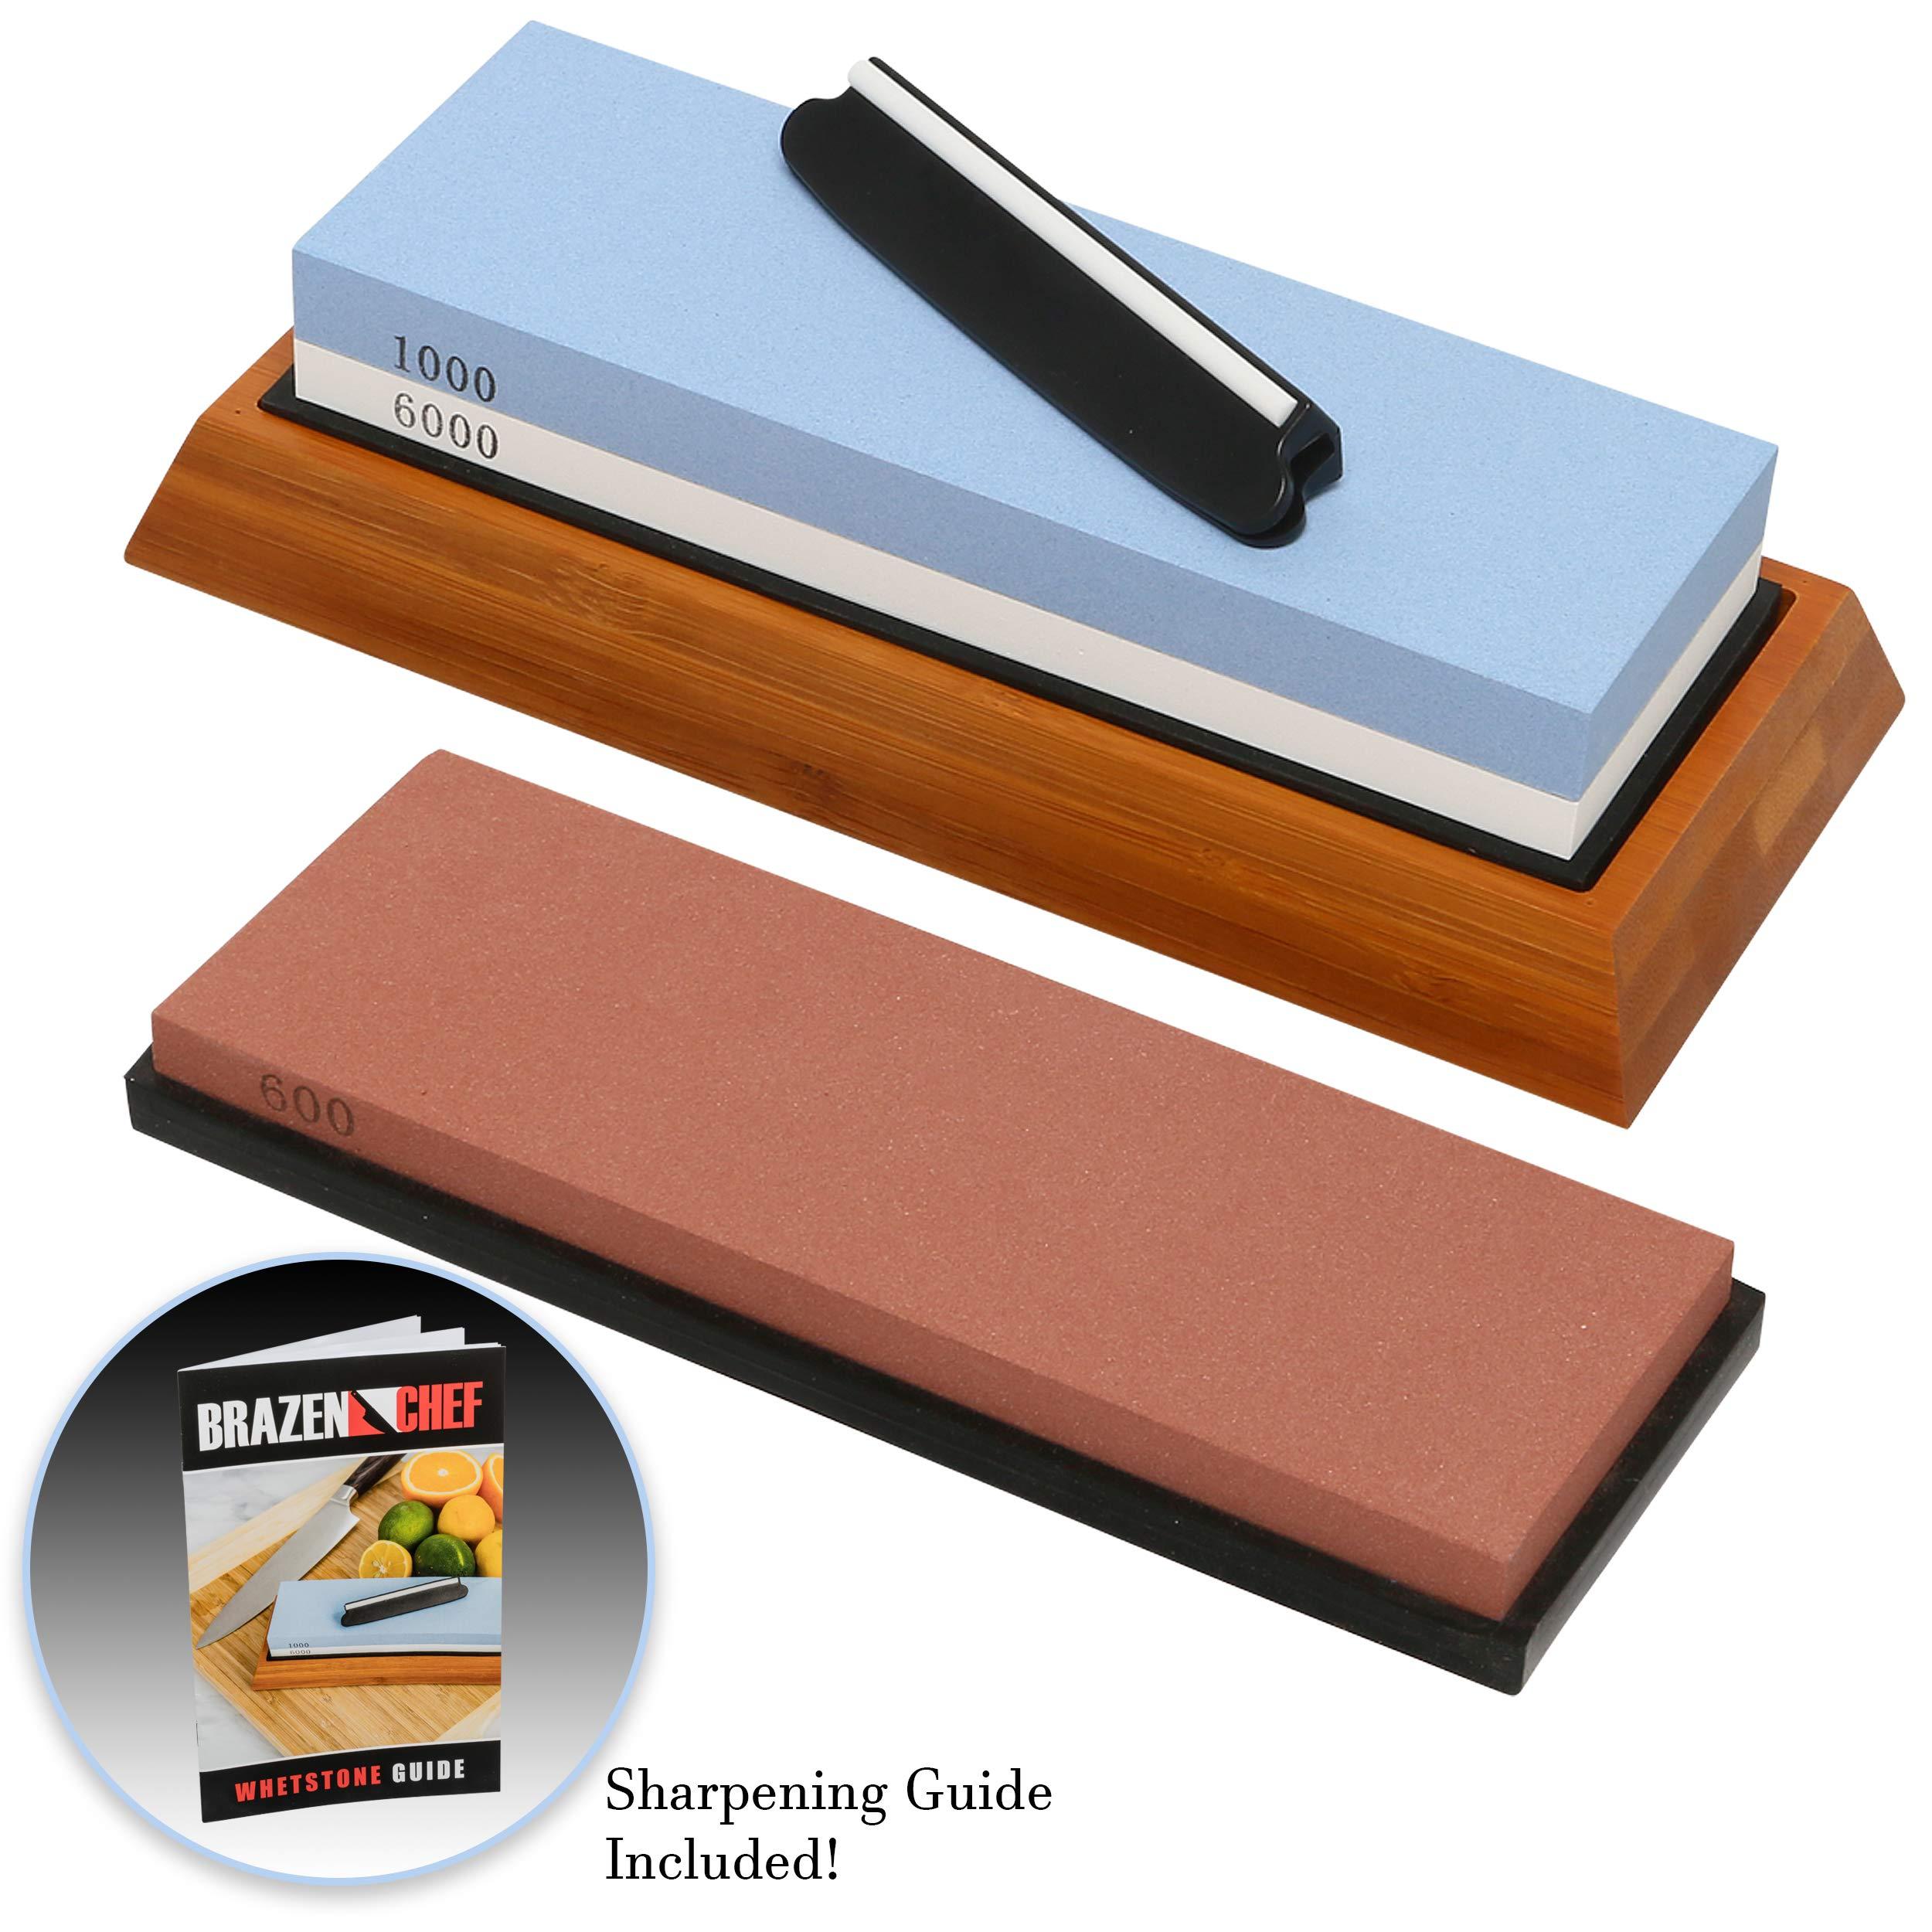 Whetstone Knife Sharpening Stone – NEW Upgraded 3 Grit Whetstone Knife Sharpening Kit